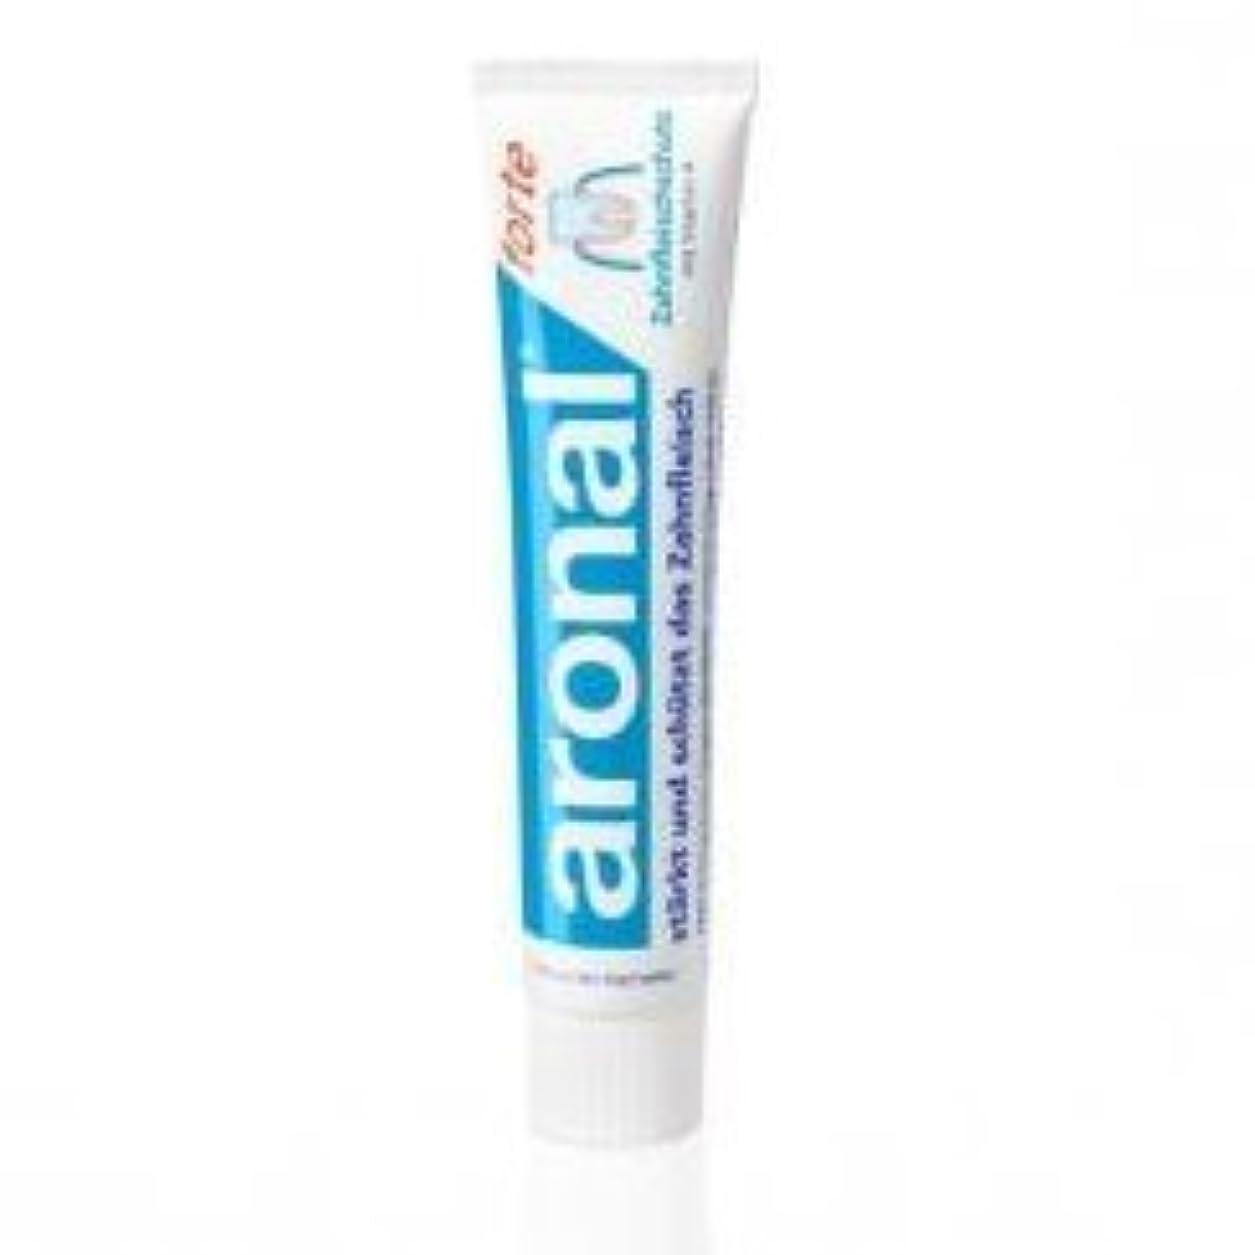 既に誓い啓発するアロナール(ビタミンA配合) 歯磨き粉 75ml x 1Pack (elmex aronal toothpaste 75ml) 【並行輸入品】